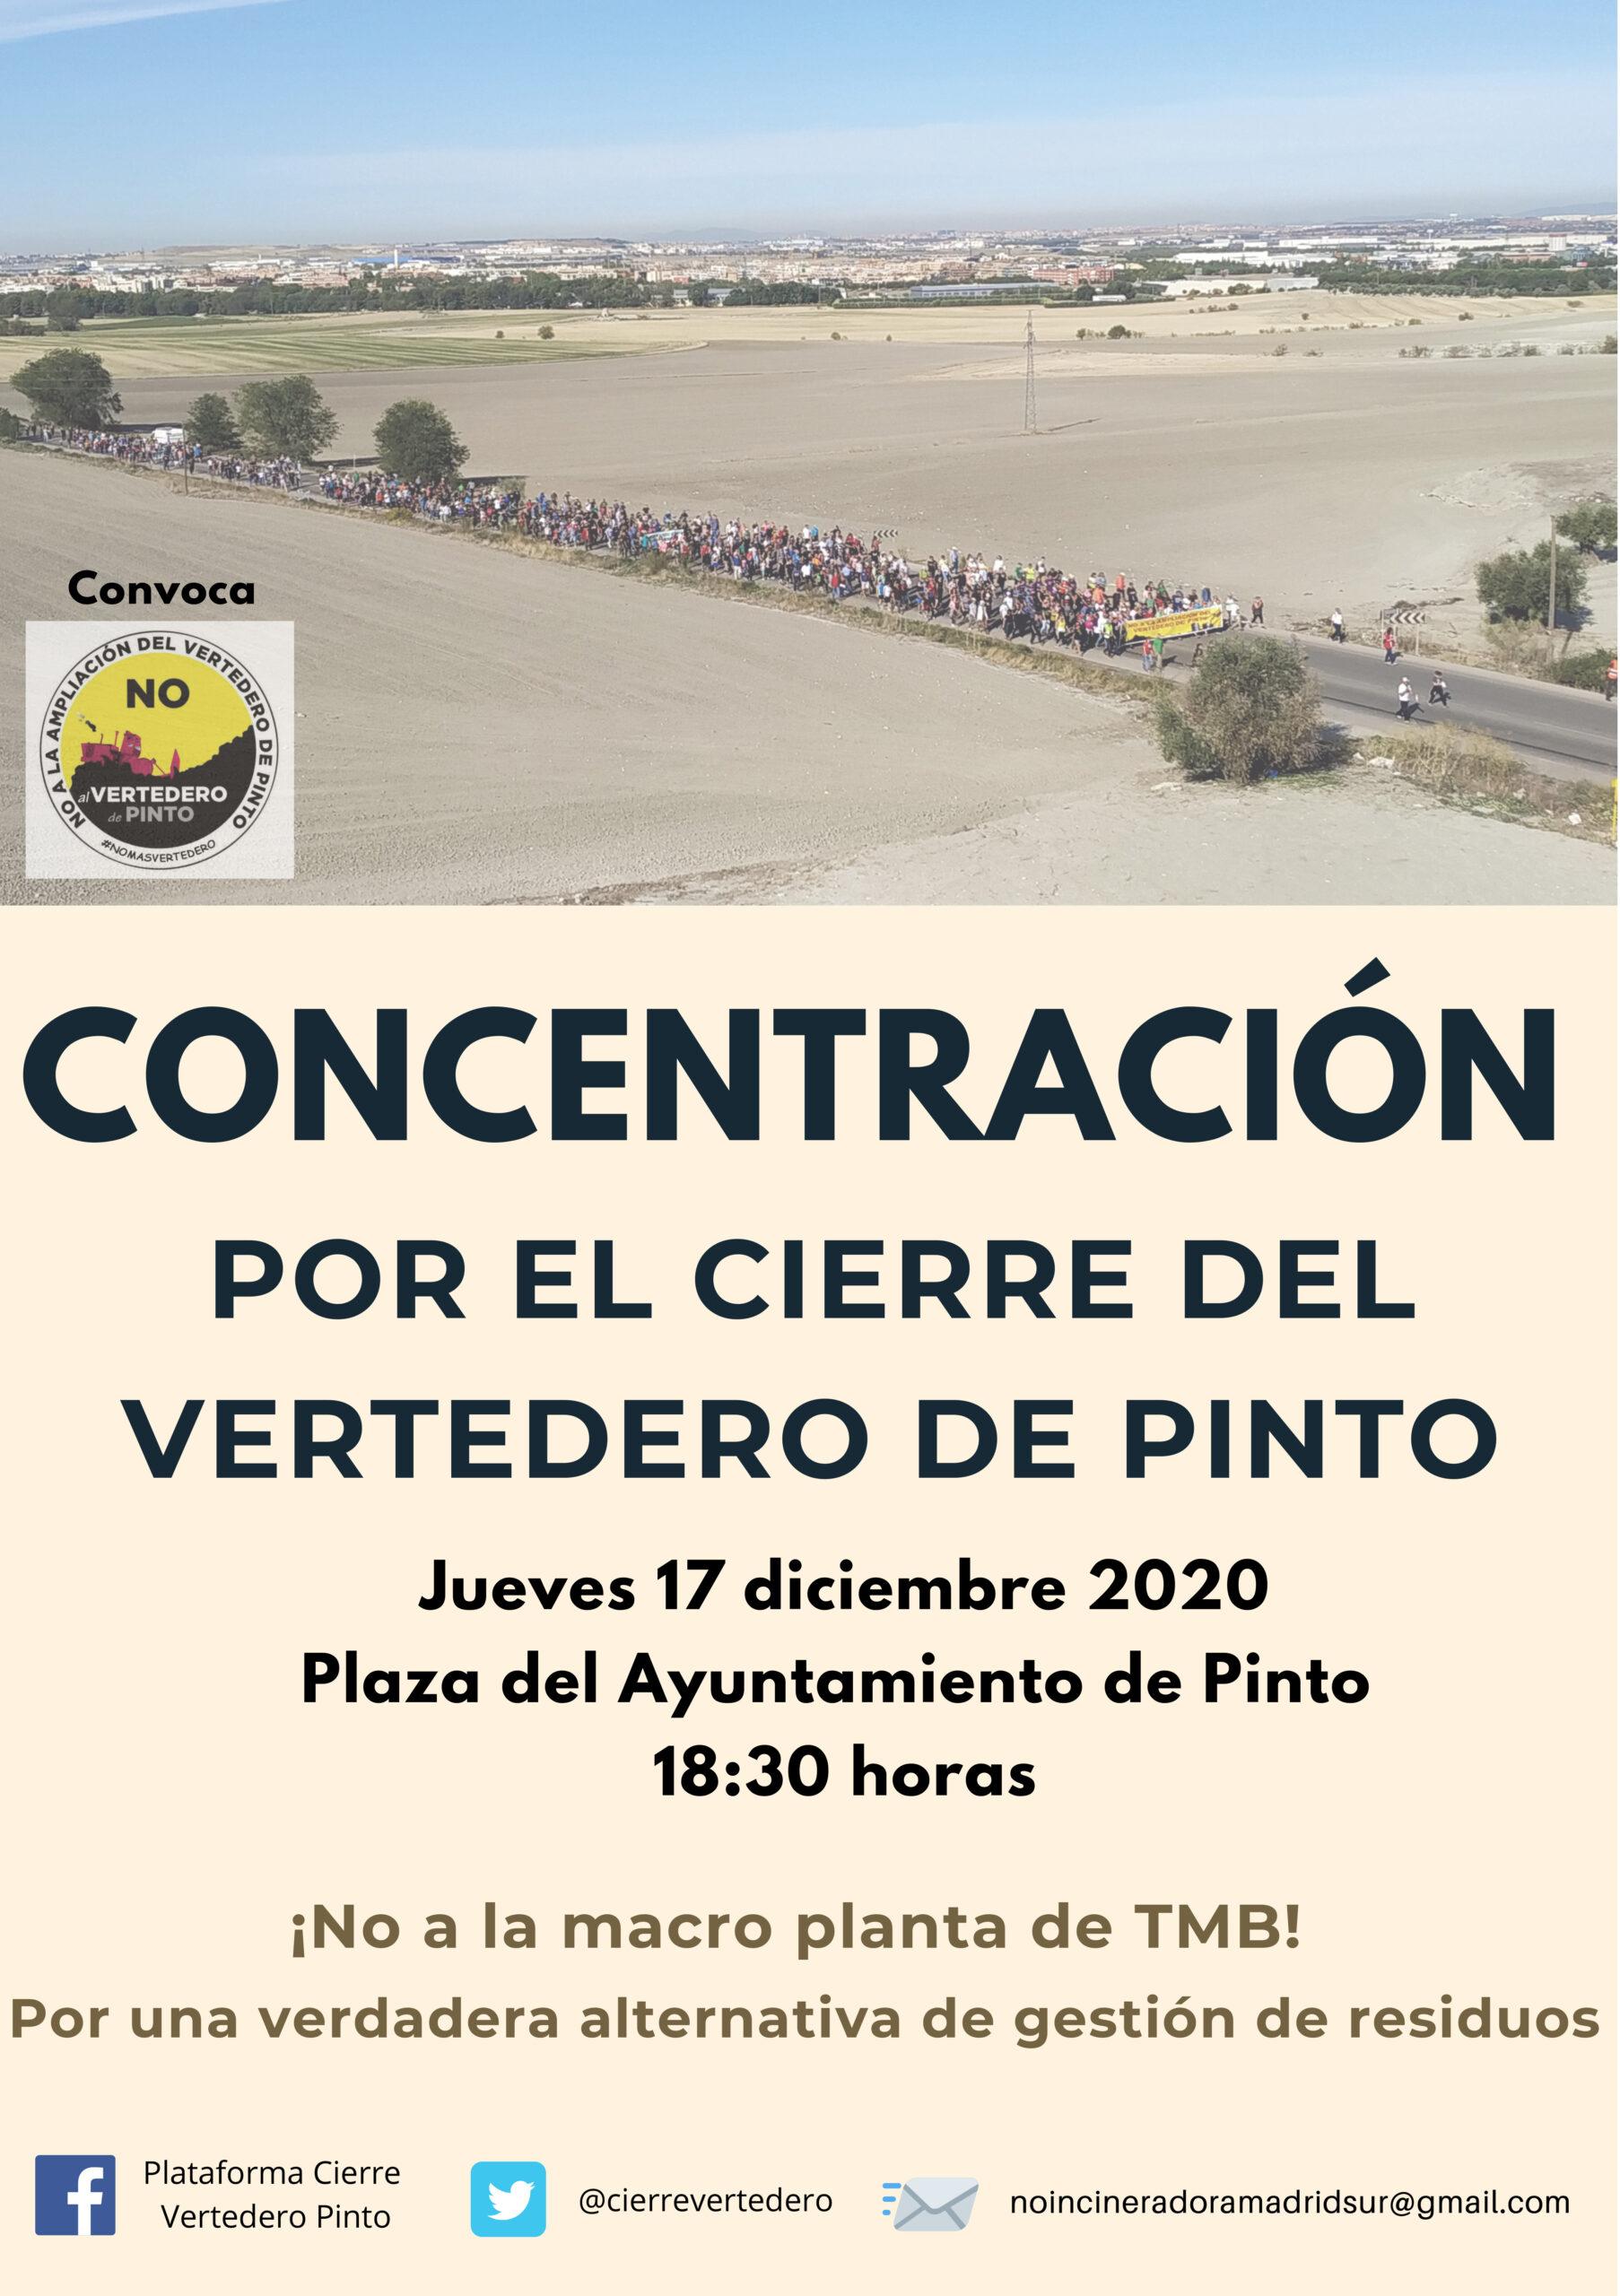 Concentración el jueves 17 de diciembre a las 18:30 en la plaza